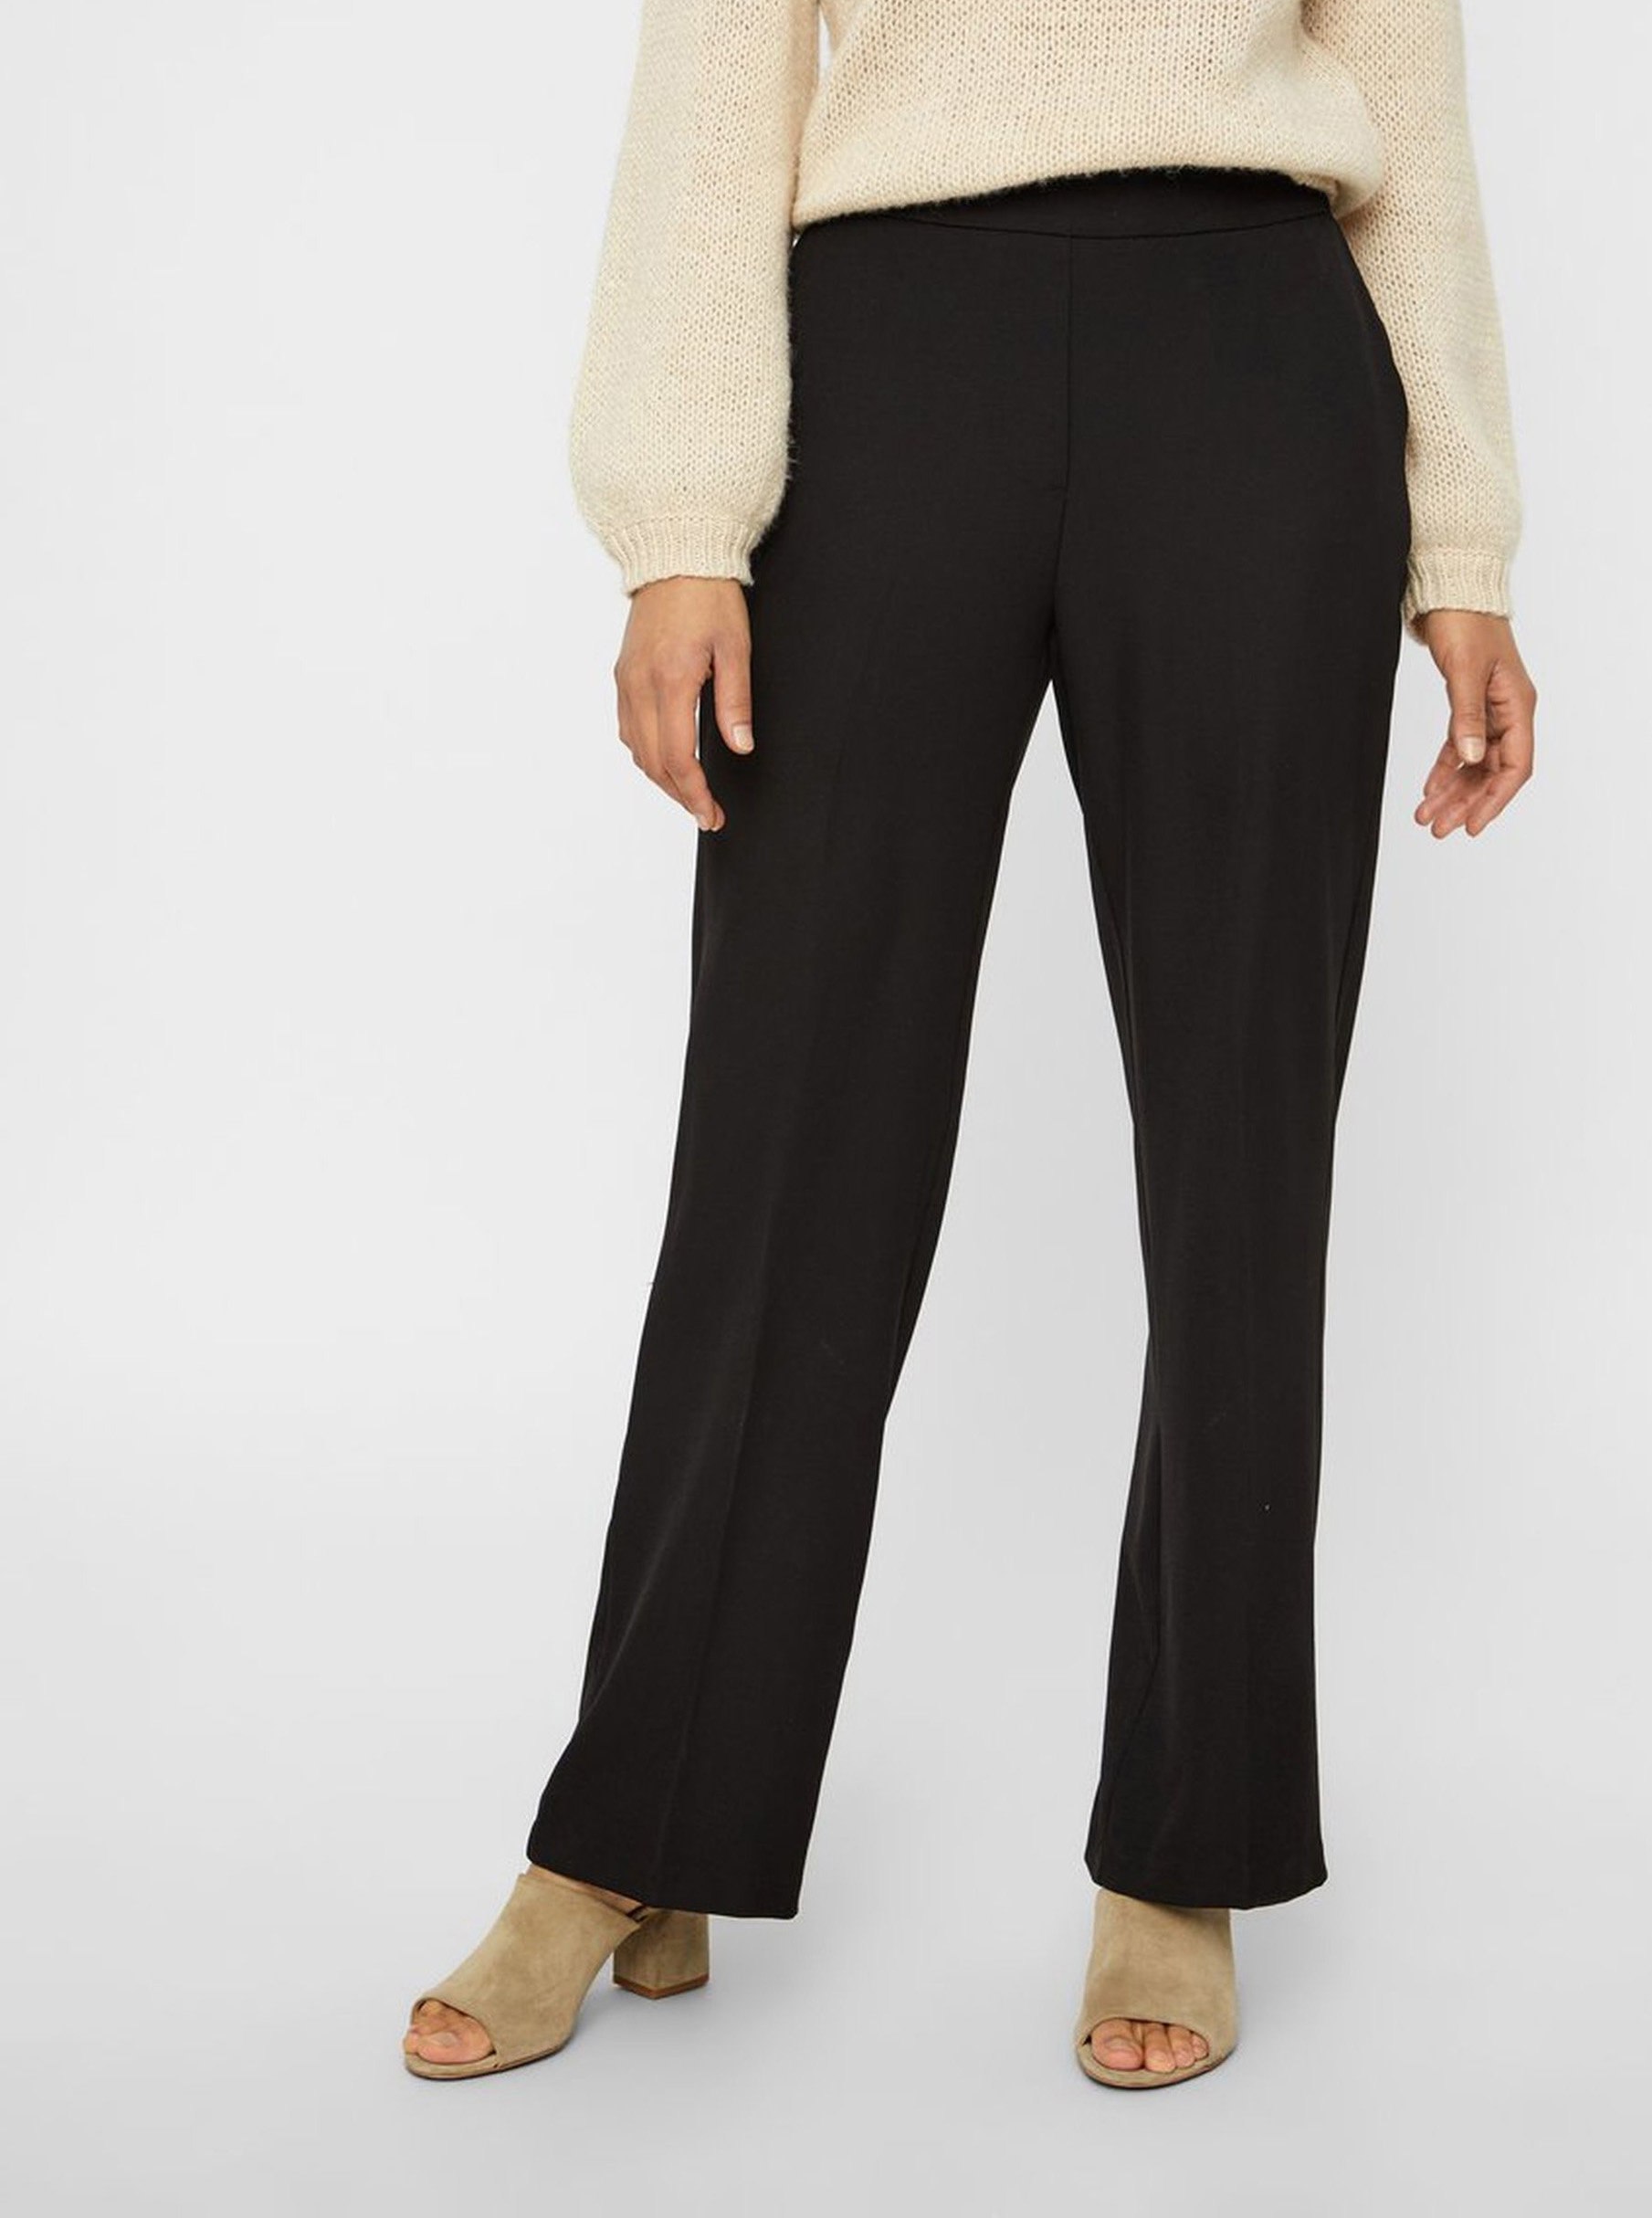 Černé kostýmové kalhoty s vysokým pasem AWARE by VERO MODA Gemma